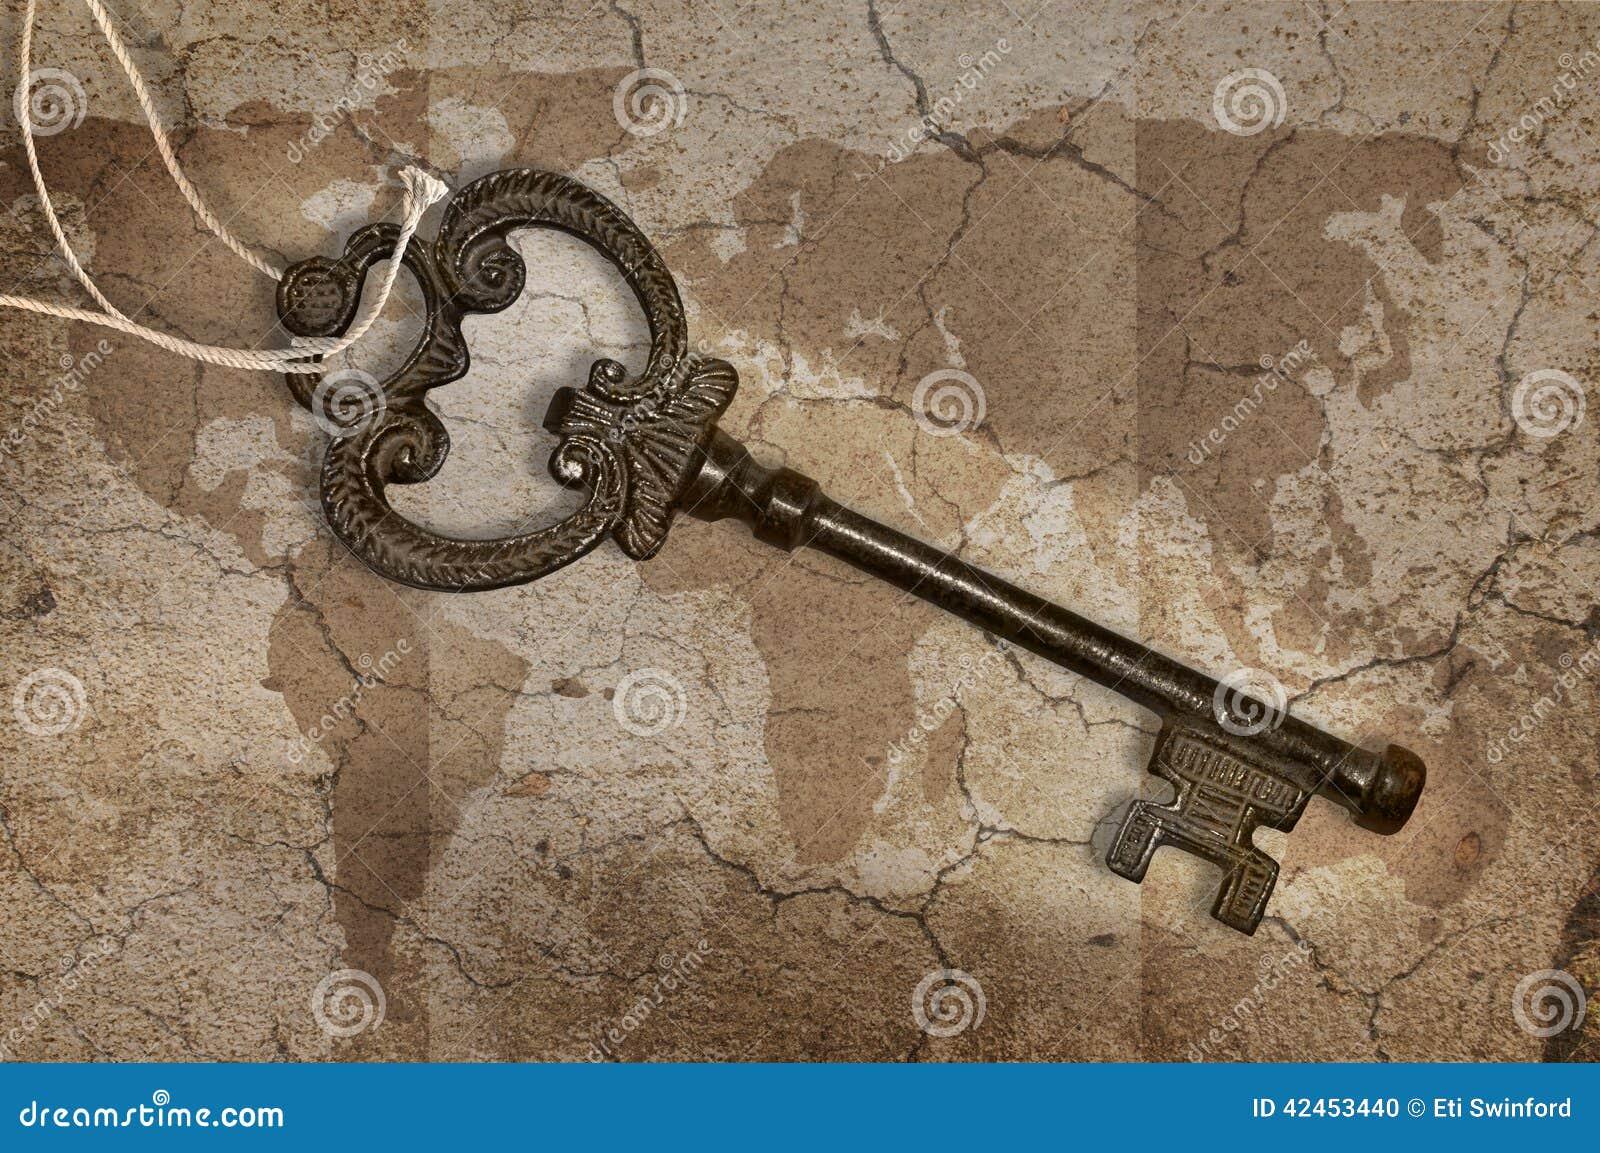 Metallschlüssel auf Karte